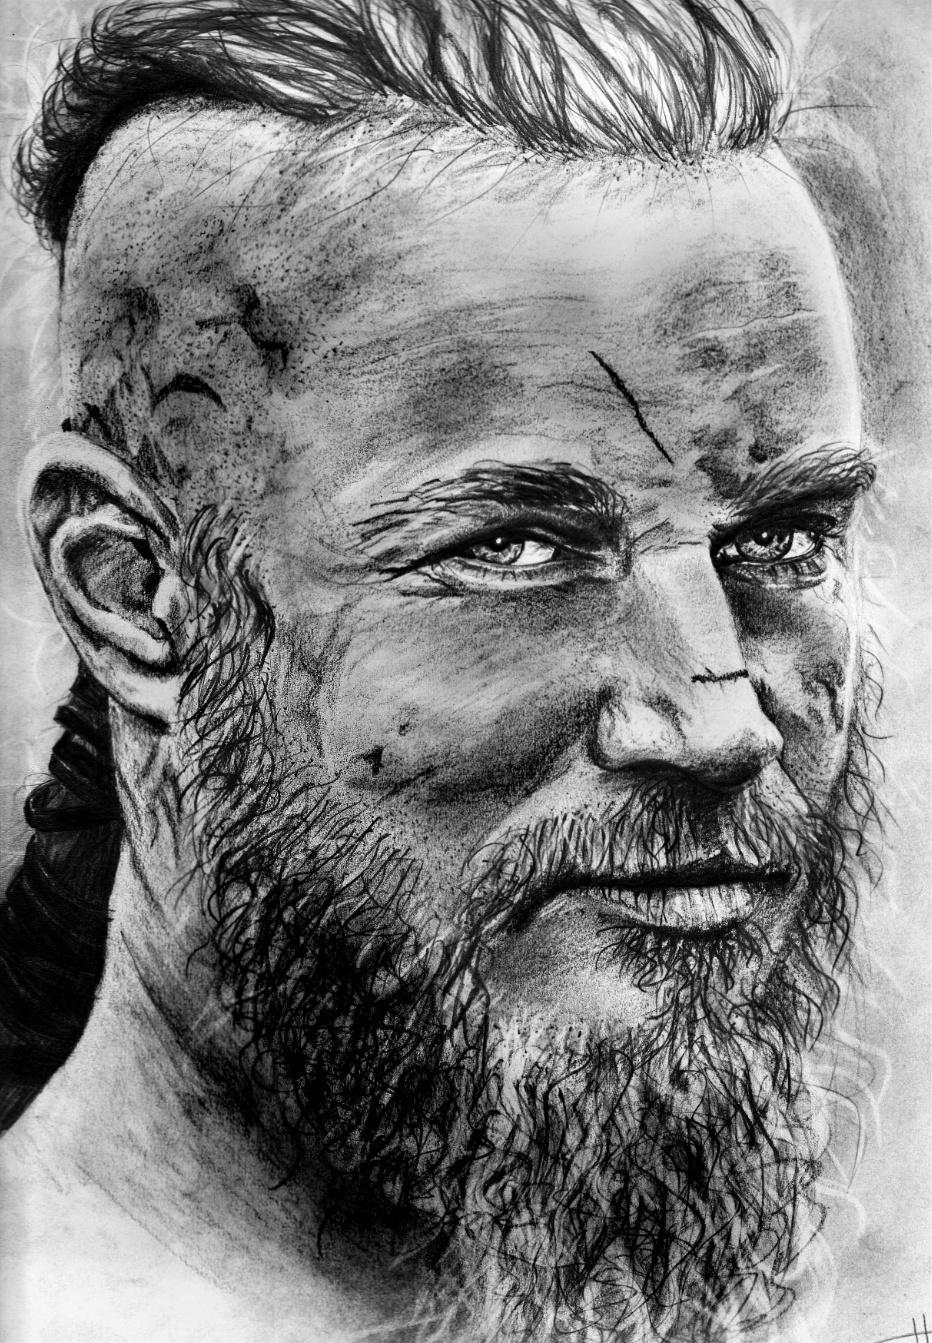 Ragnar Lothbrok By Larkossah On DeviantArt